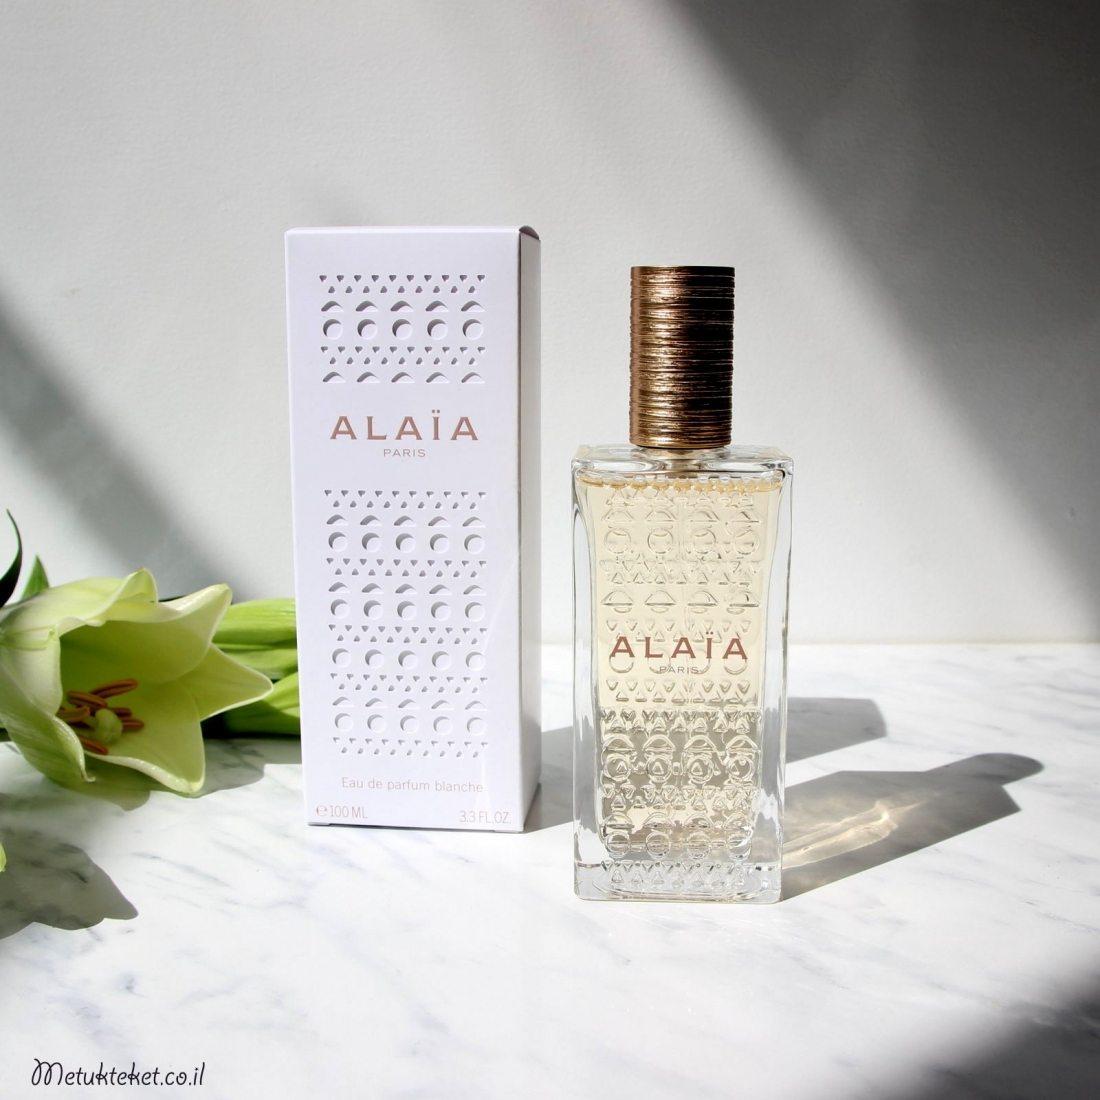 בושם אזדין אליה,Alaïa Blanche Eau de Parfum - AzzedineAlaïa